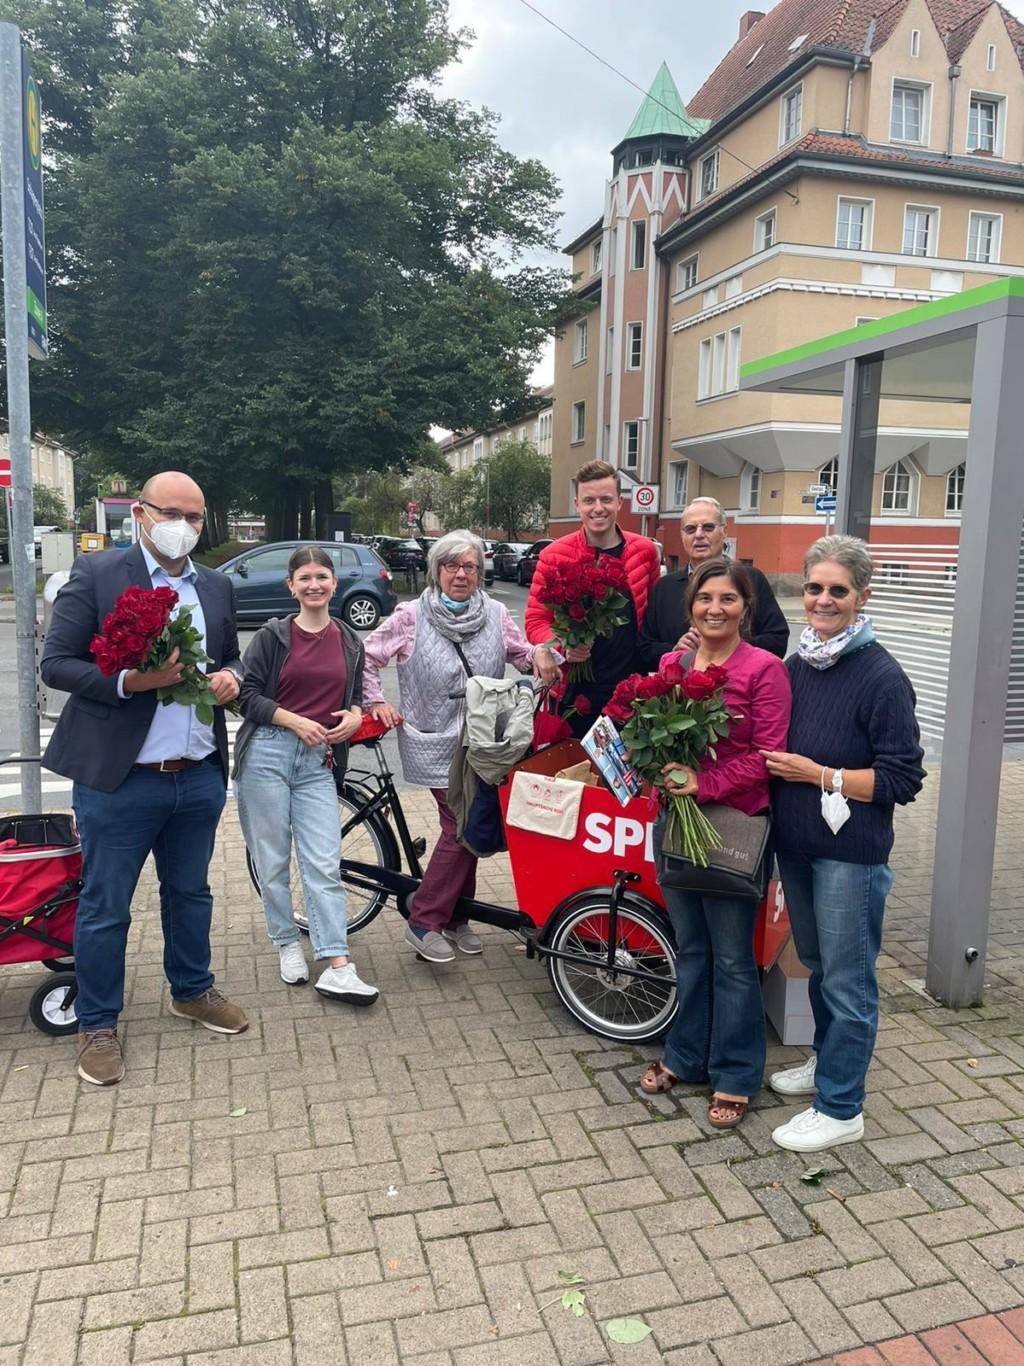 Bild vom Wochenmarkt am Schaperplatz